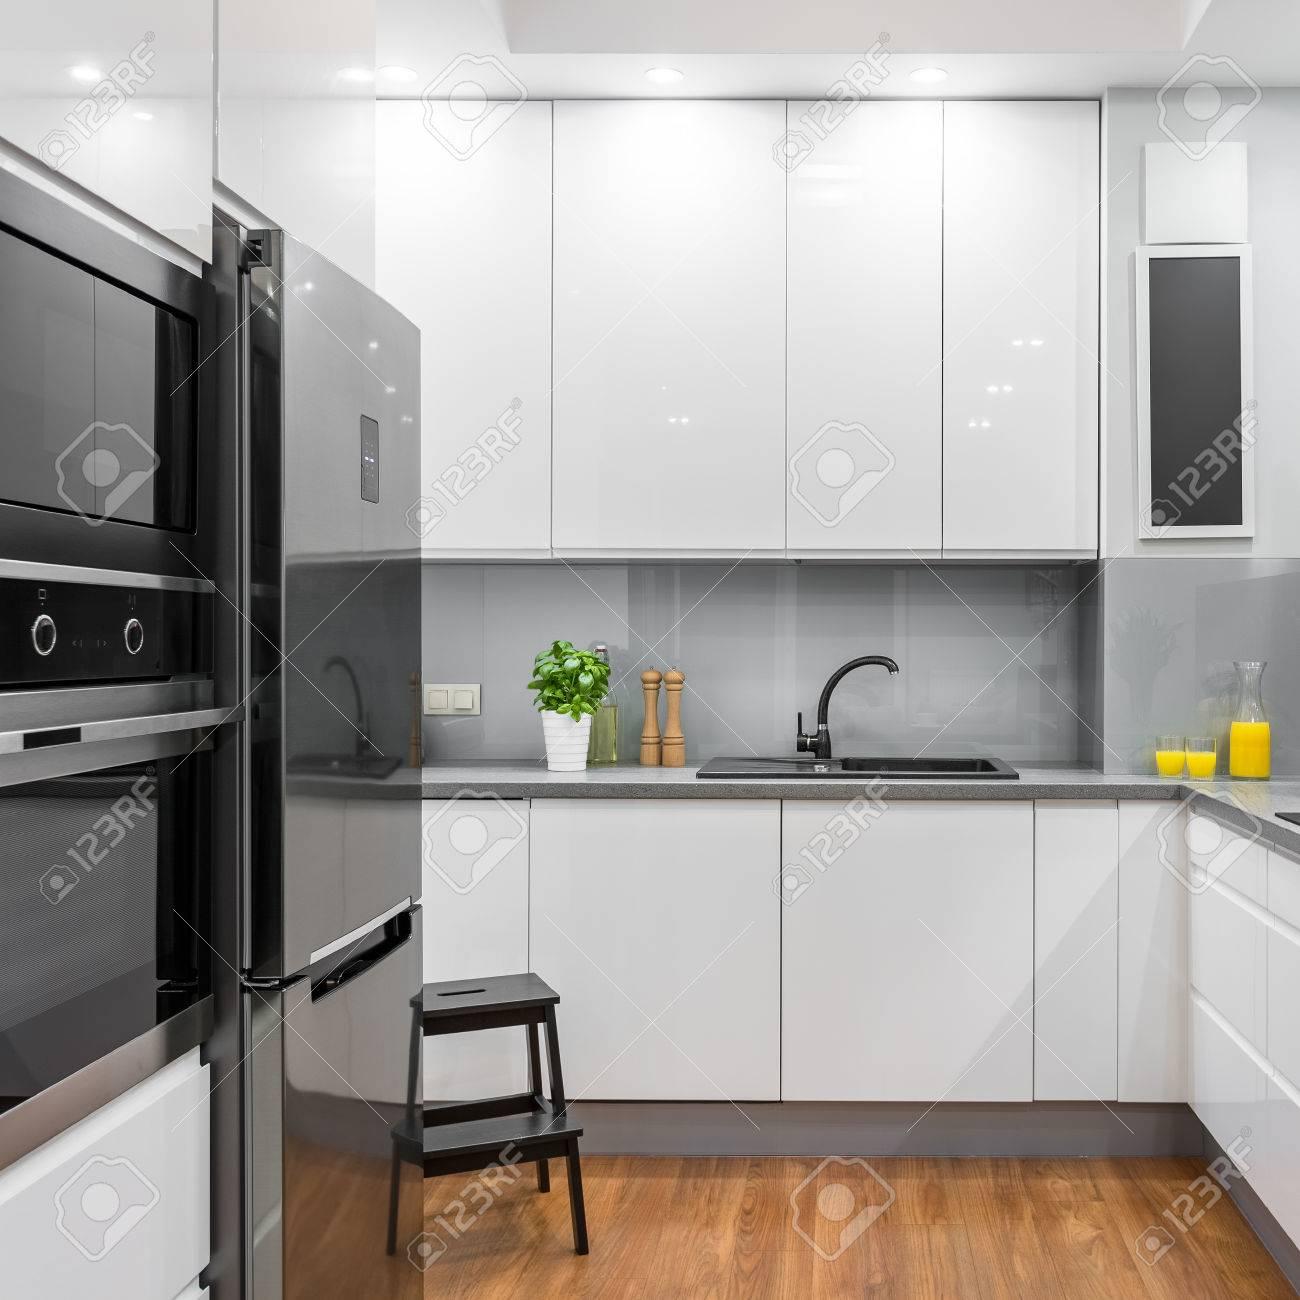 Standard Bild   Weiße Moderne Küche Mit Kühlschrank, Backofen Und Mikrowelle